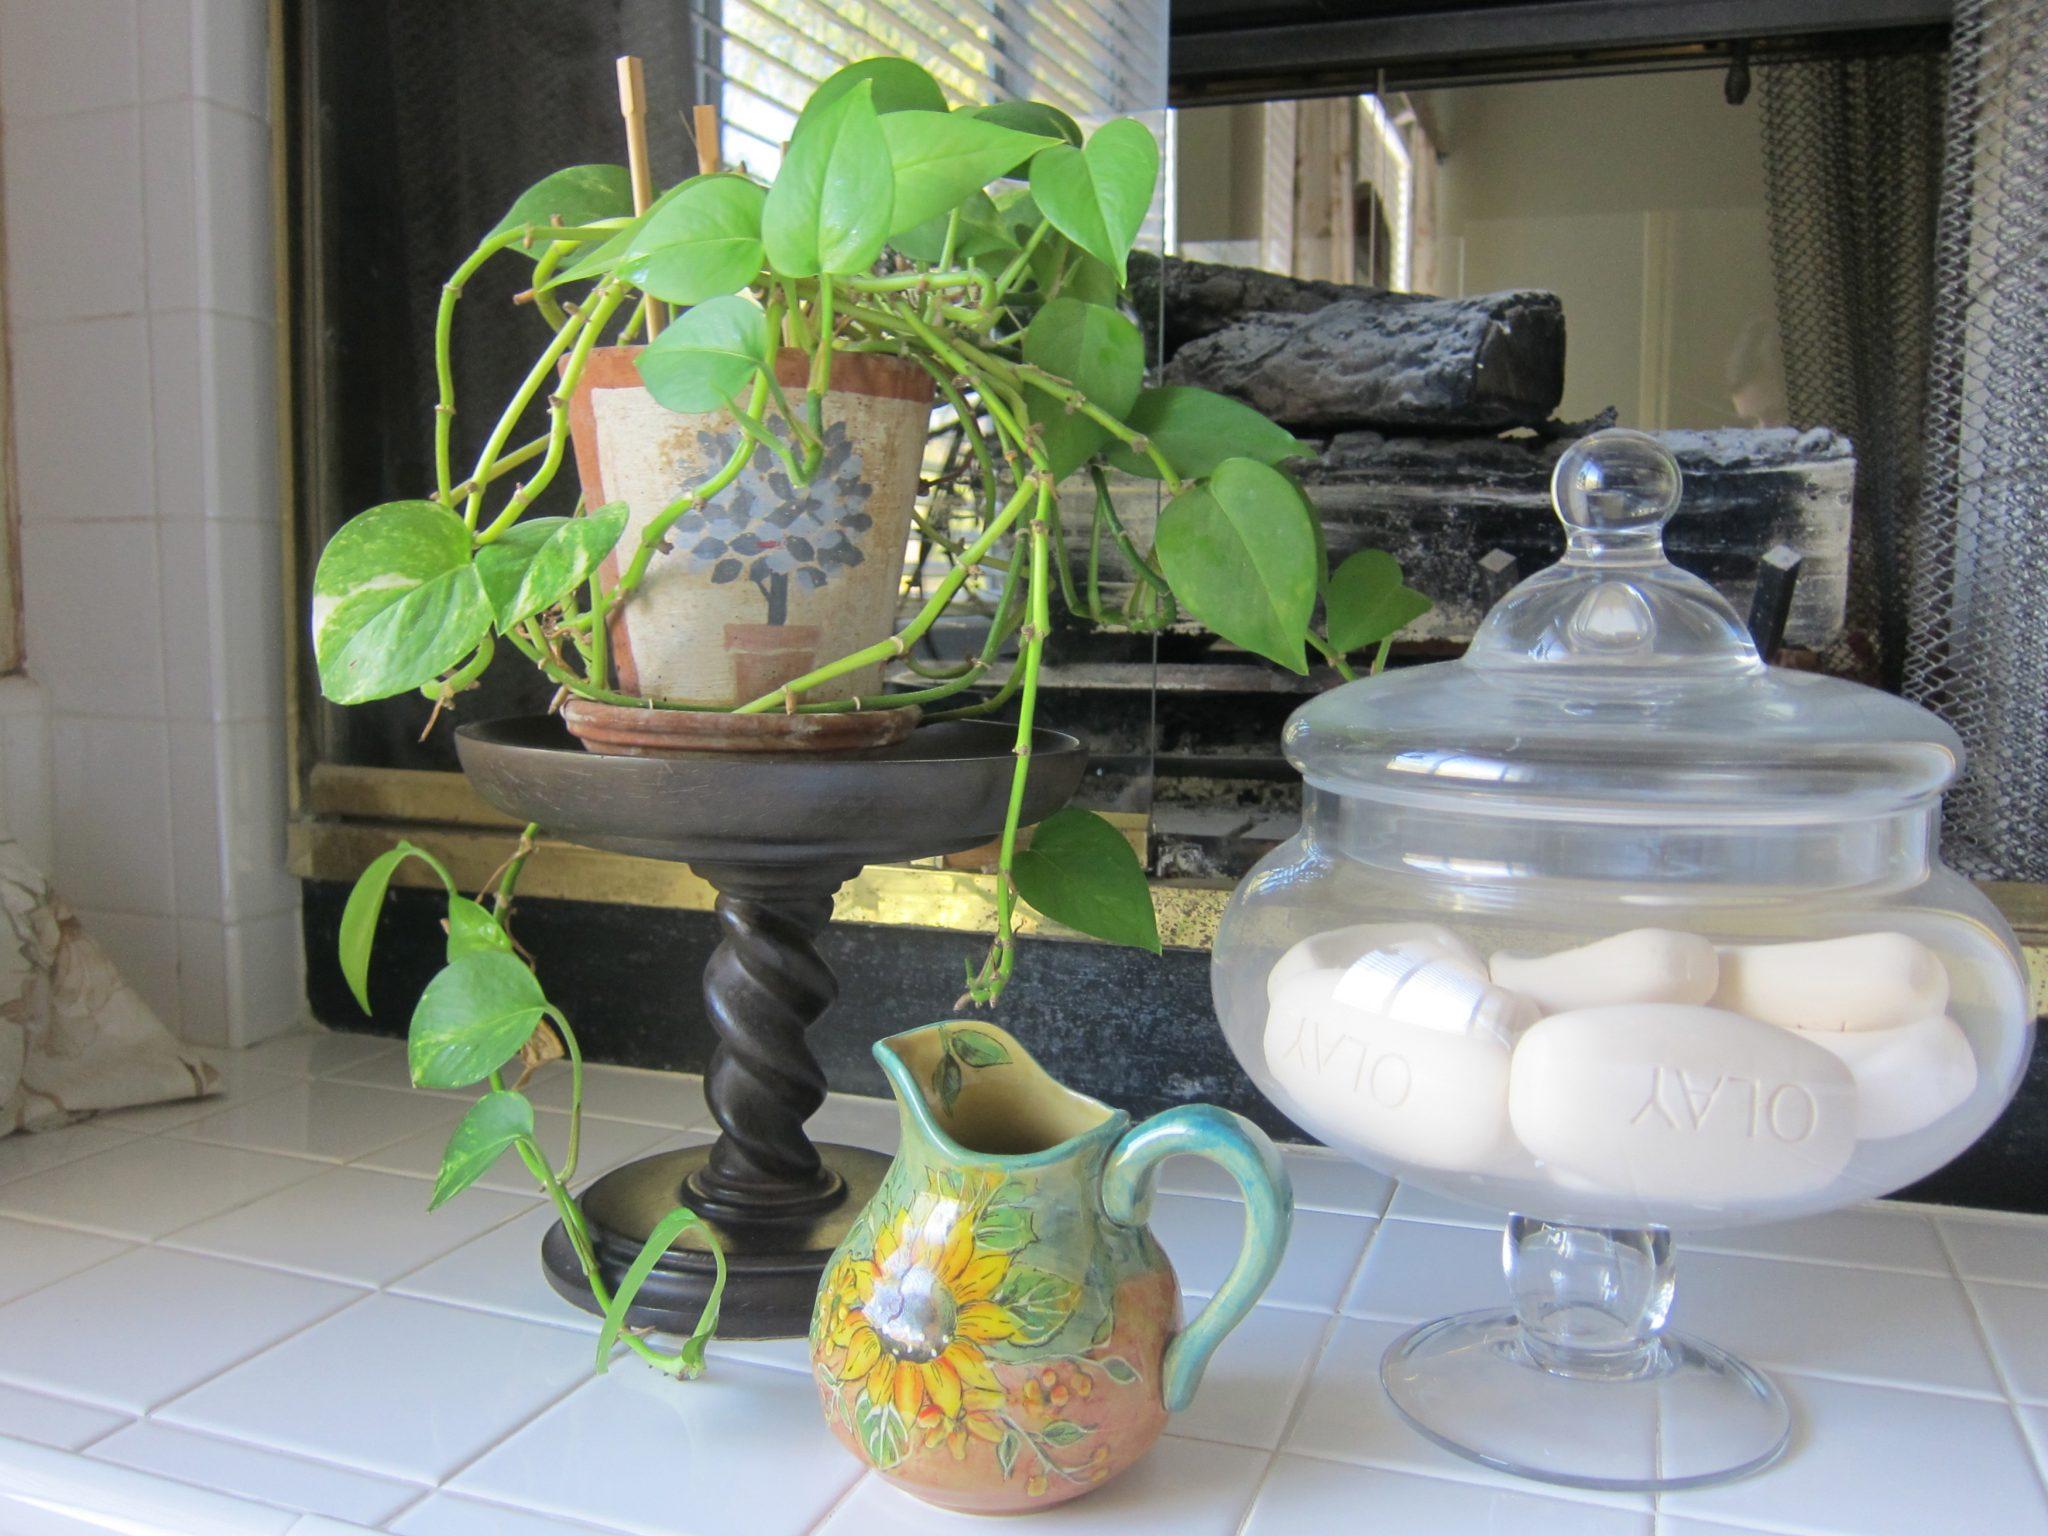 Golden Pothos plant.